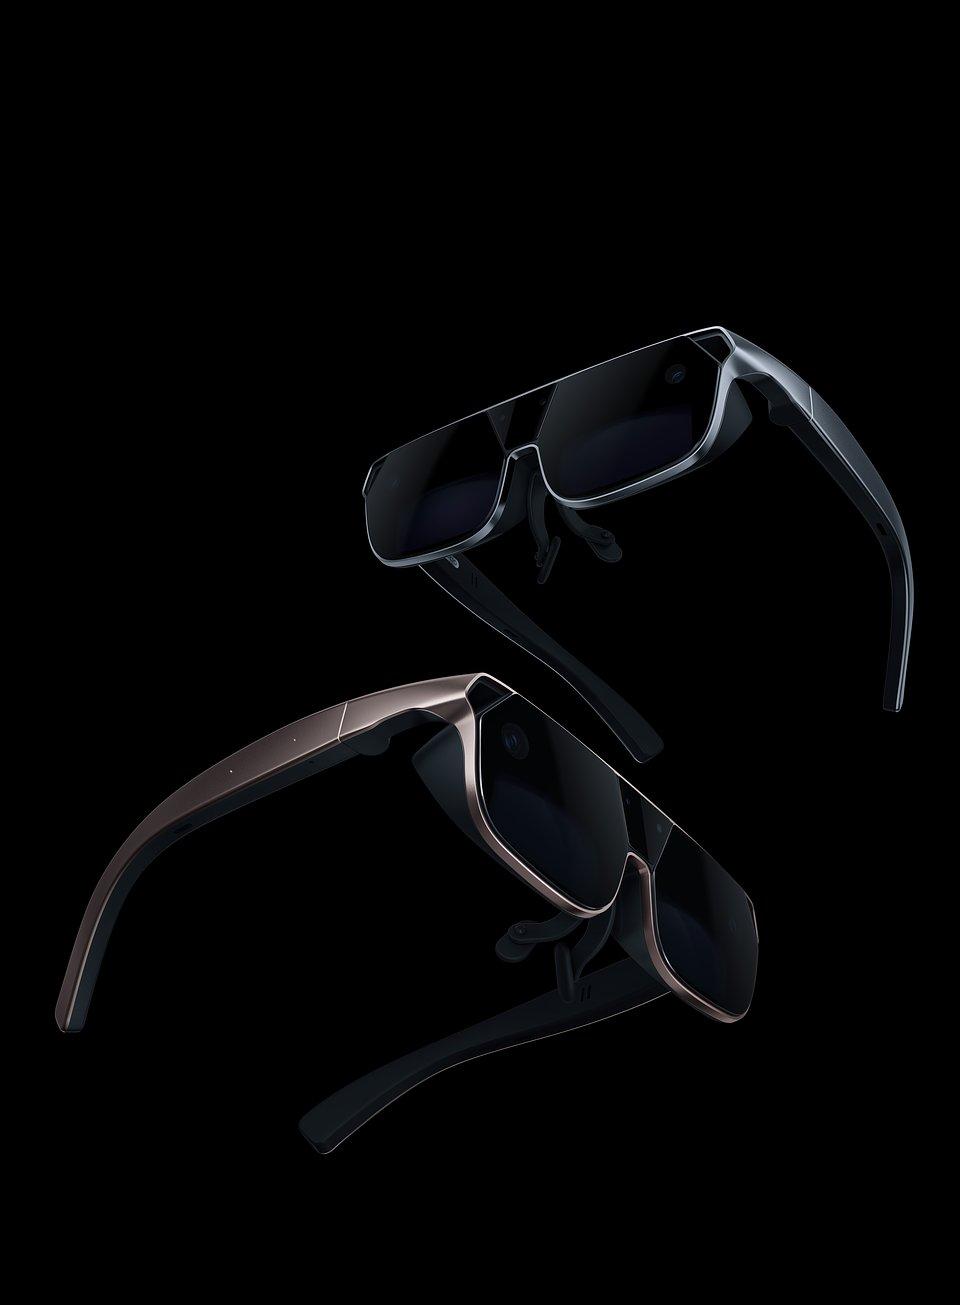 Nowości AR od Oppo: udoskonalone okulary i aplikacja